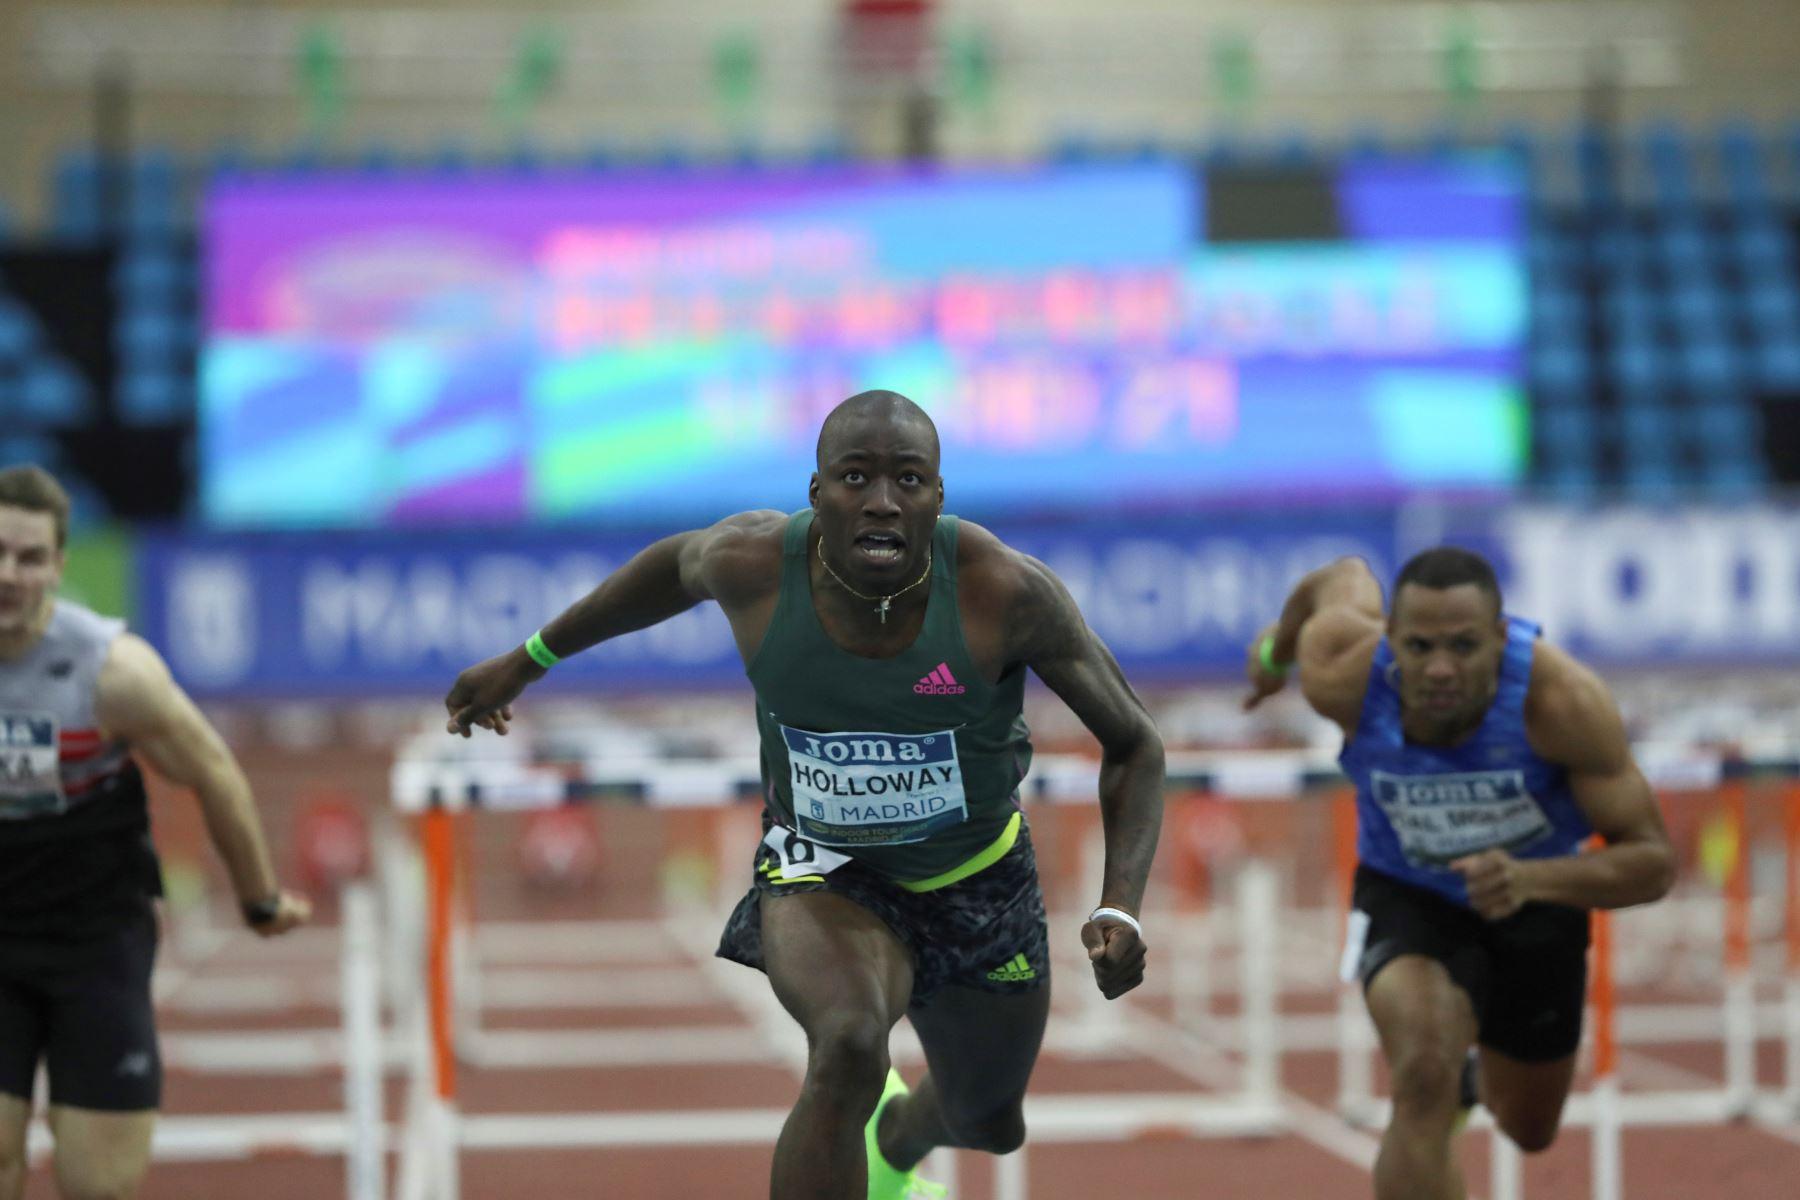 El atleta estadounidense Grant Holloway bate el récord mundial de los 60 metros vallas logrado en la Reunión Internacional de Atletismo Villa de Madrid 2021. Foto: EFE